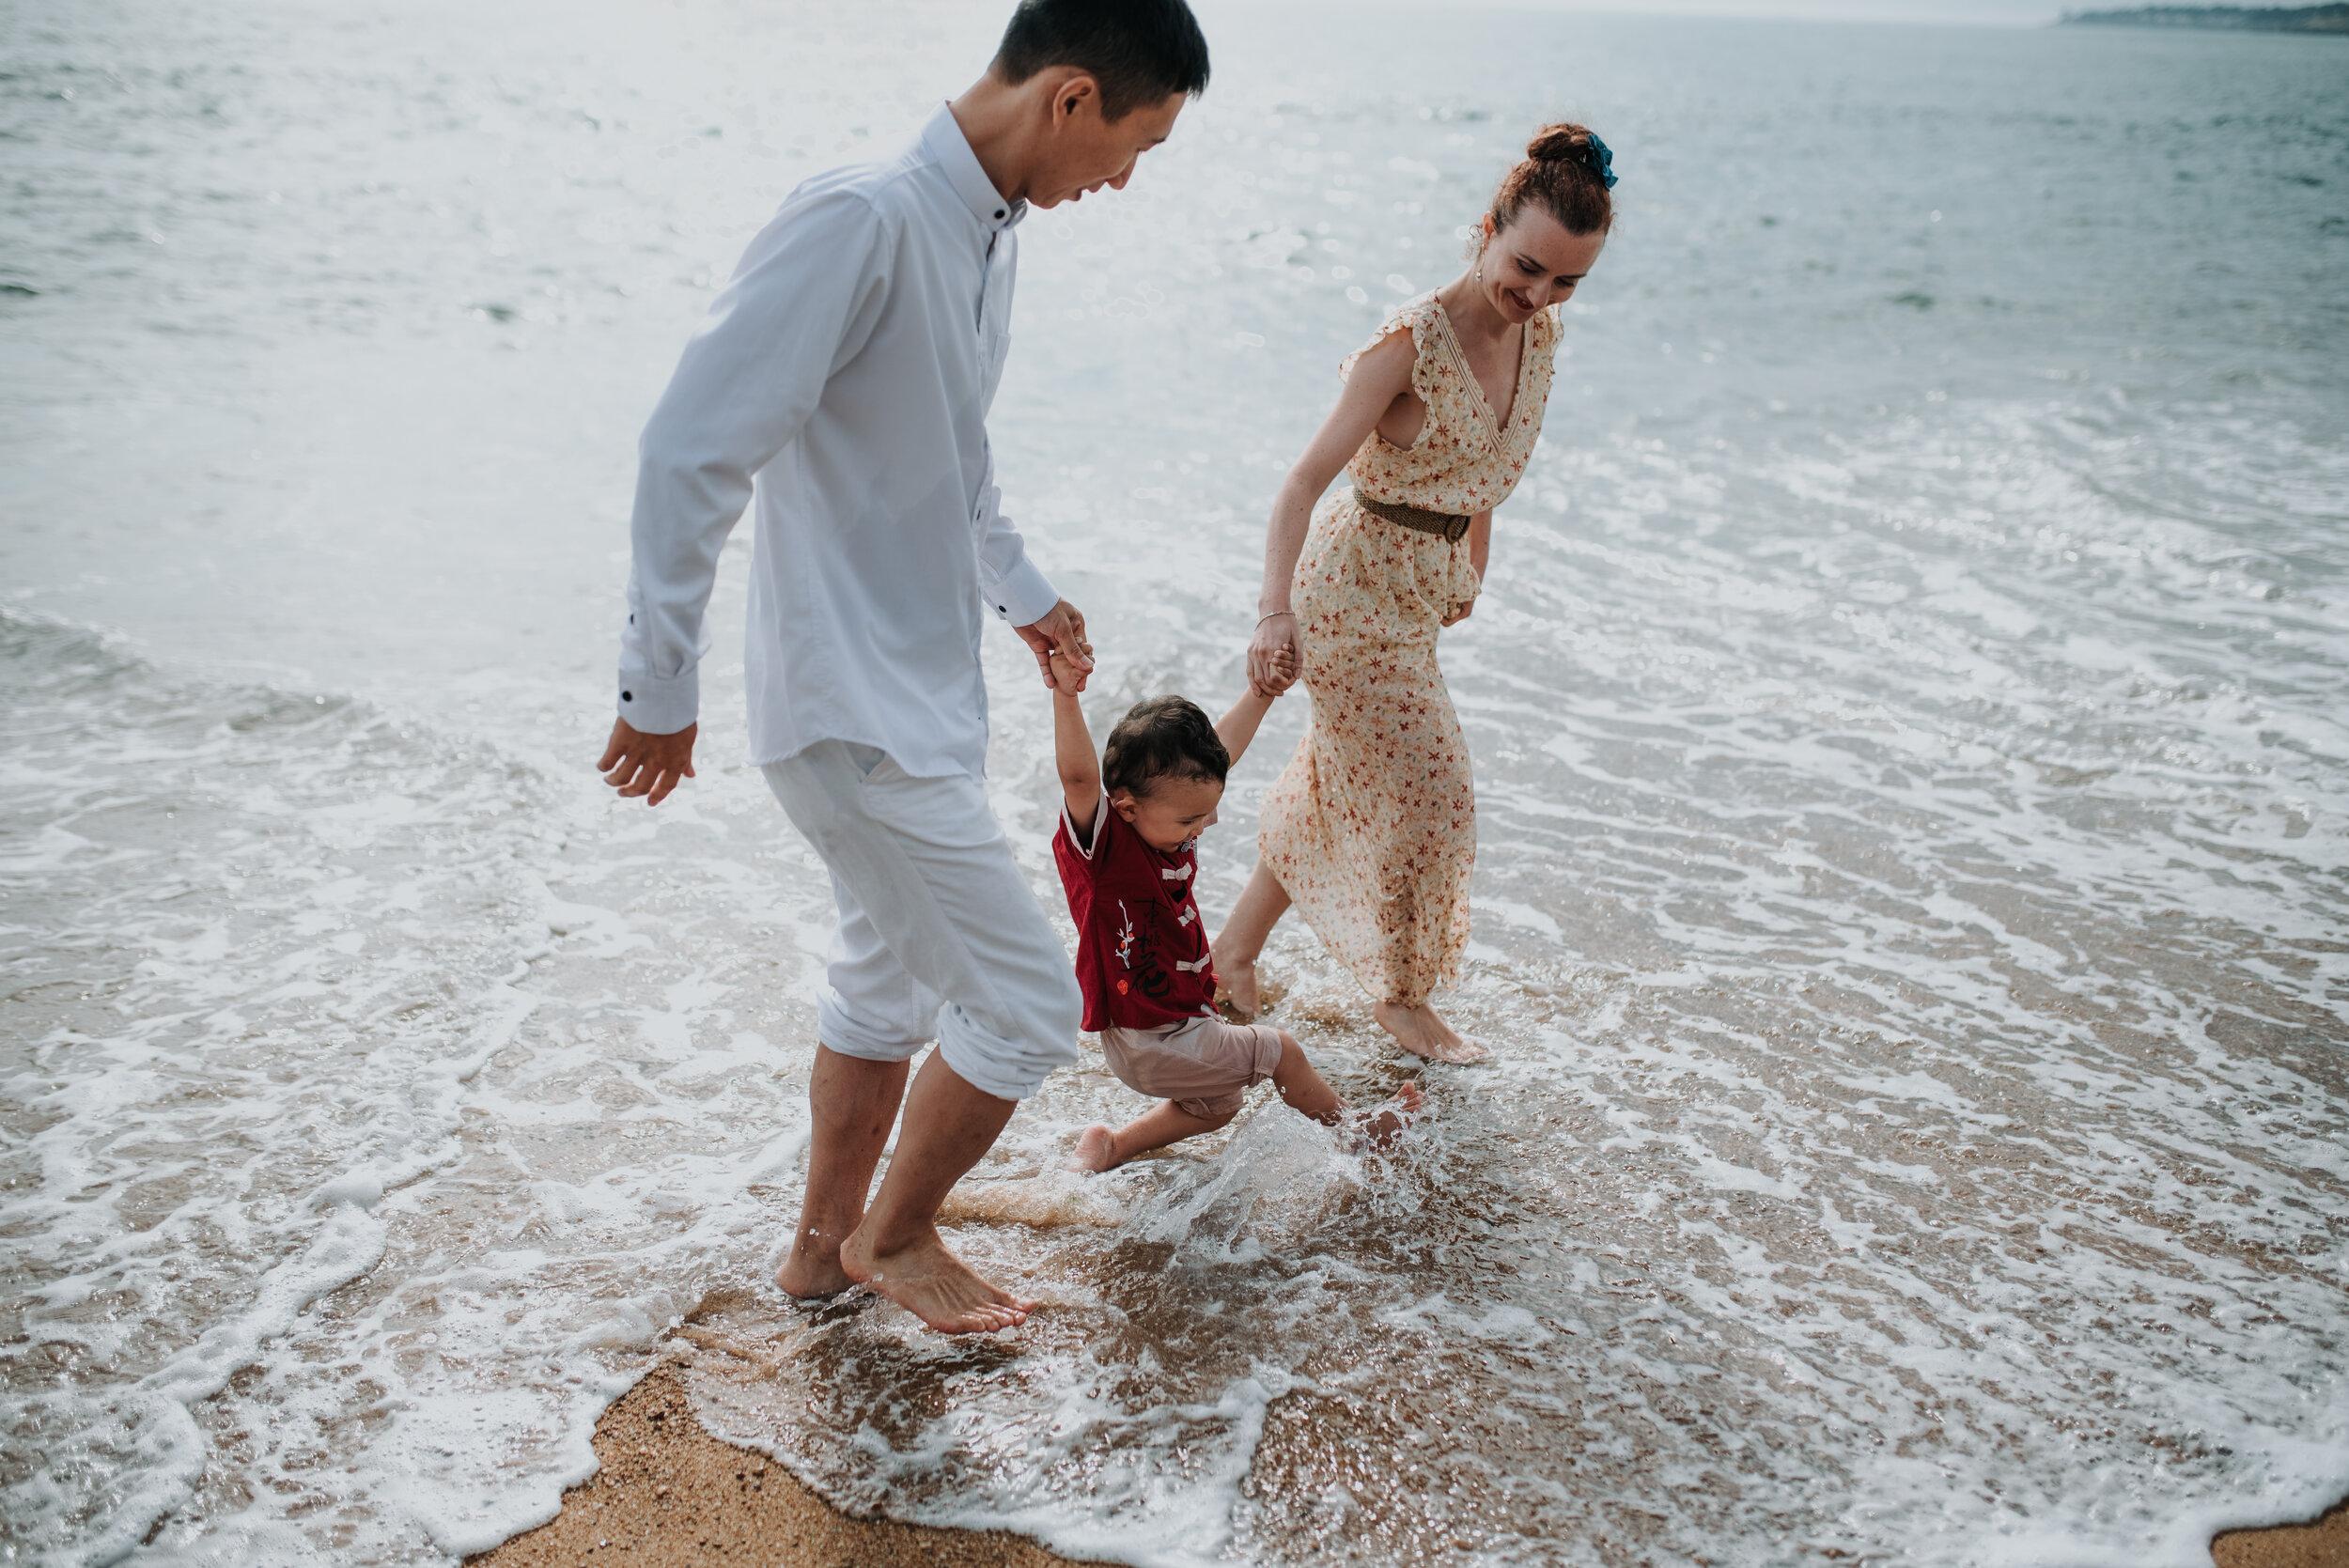 Léa-Fery-photographe-professionnel-Bretagne-portrait-creation-mariage-evenement-evenementiel-famille-0637.jpg